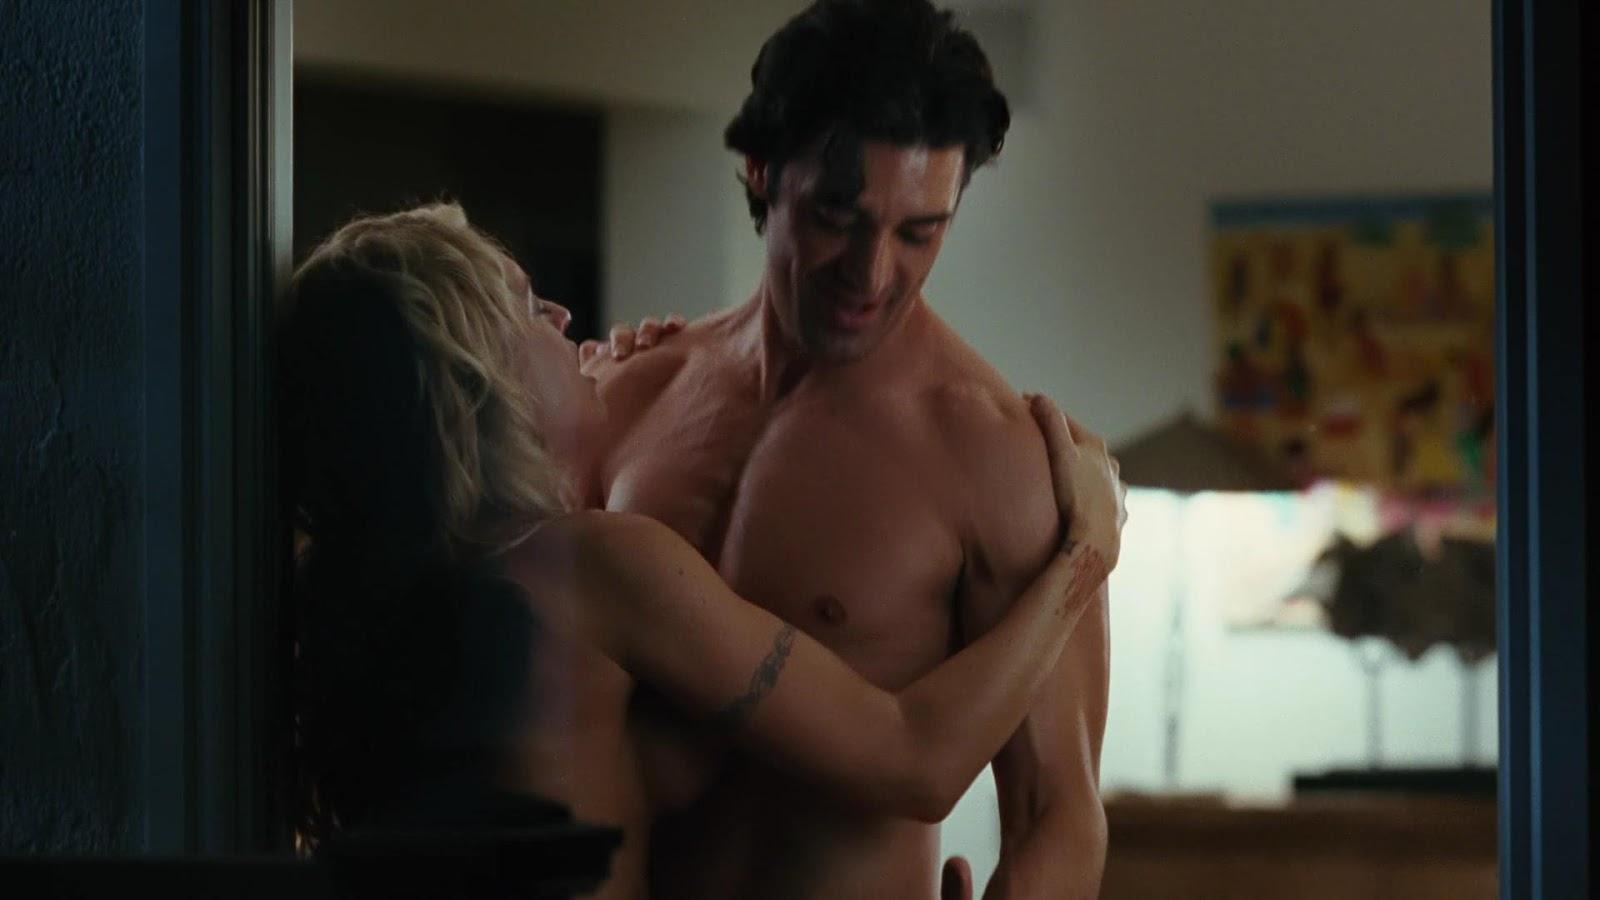 В смотреть секс онлайн тнт городе фильм большом на